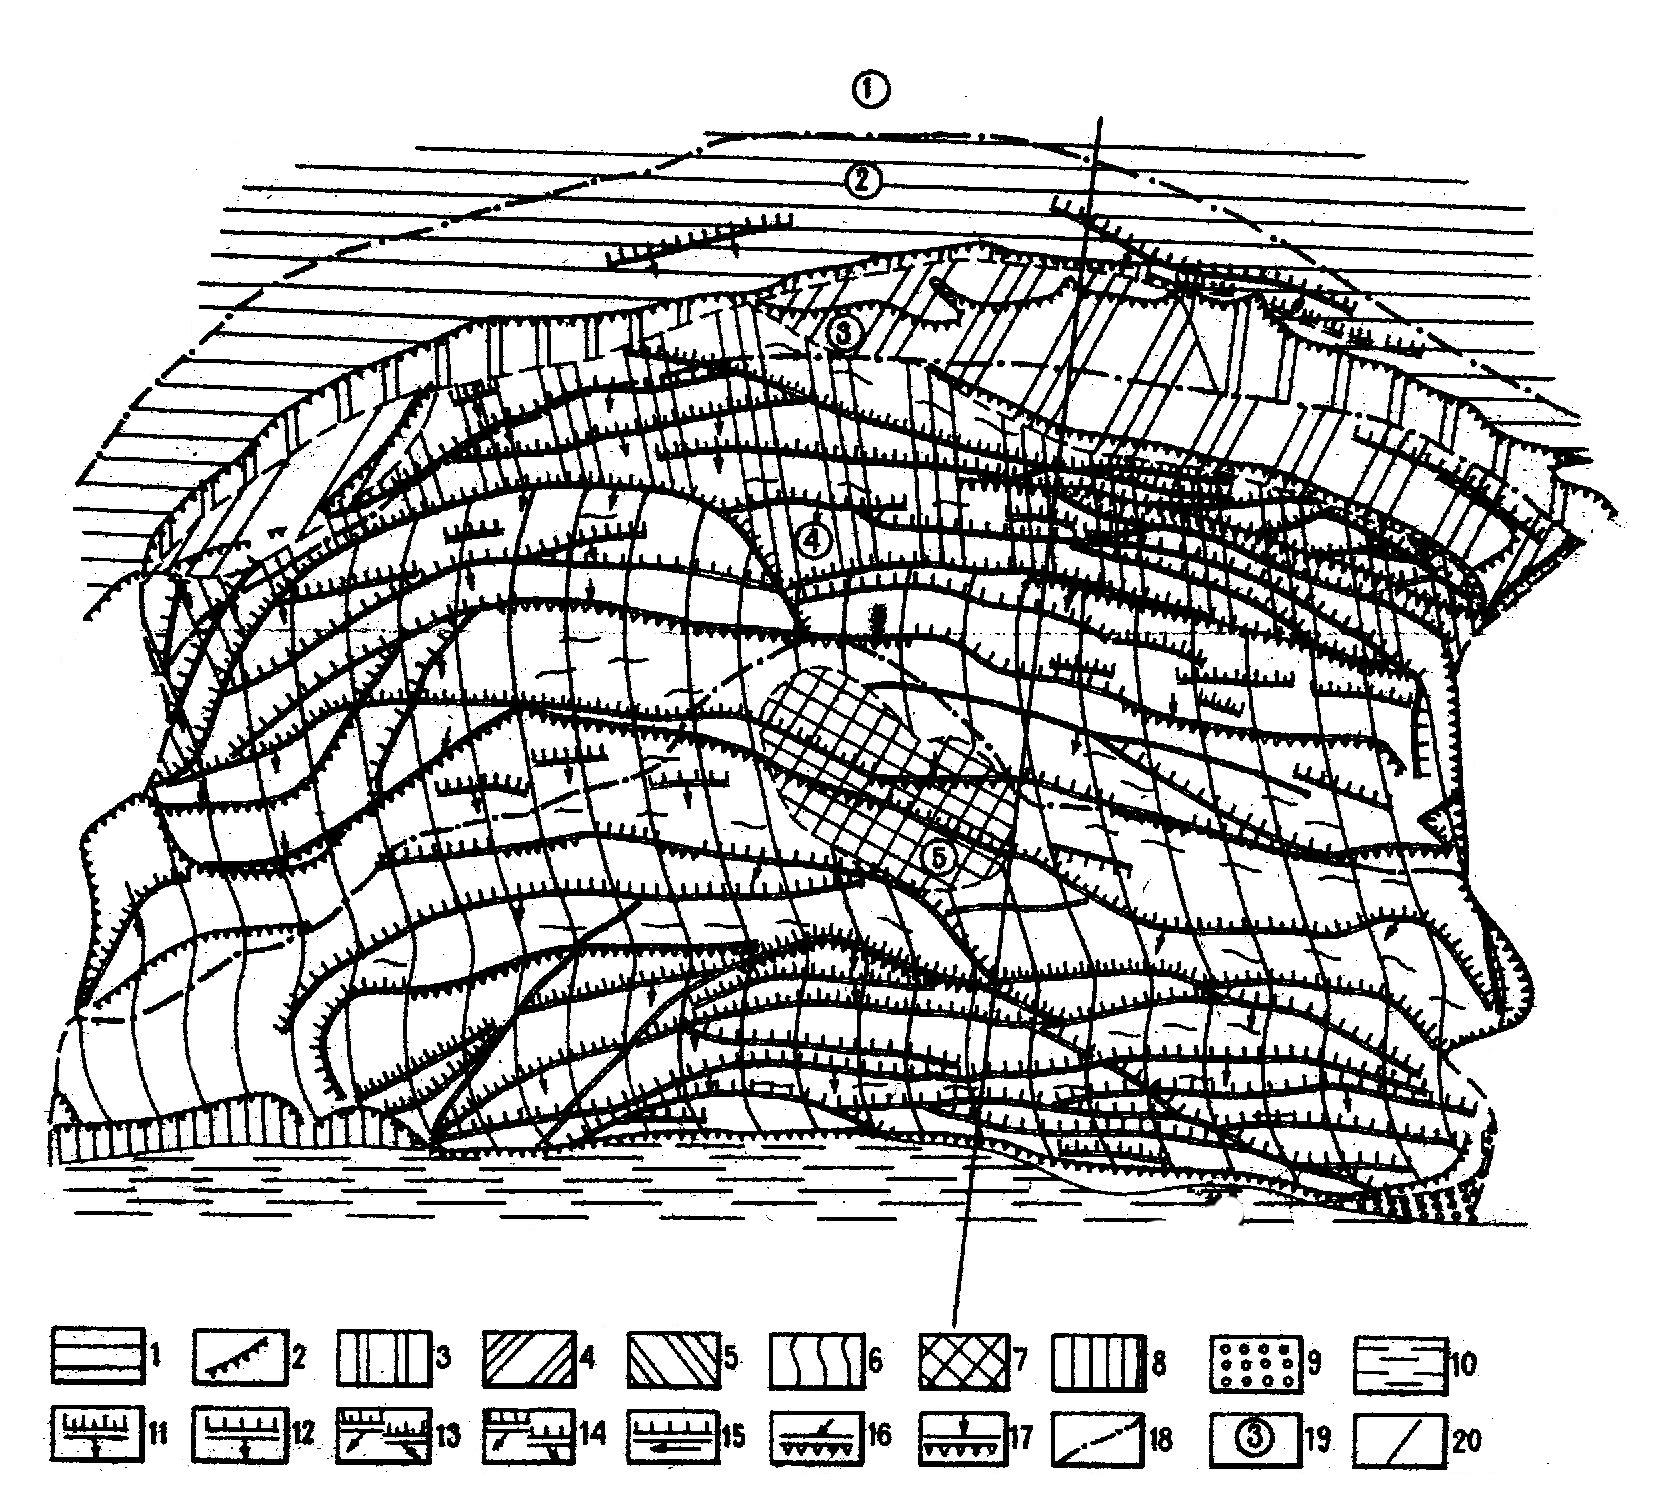 4 Карта оползневых деформаций на участке Жуковка с выделением «бугра сжатия» [1].